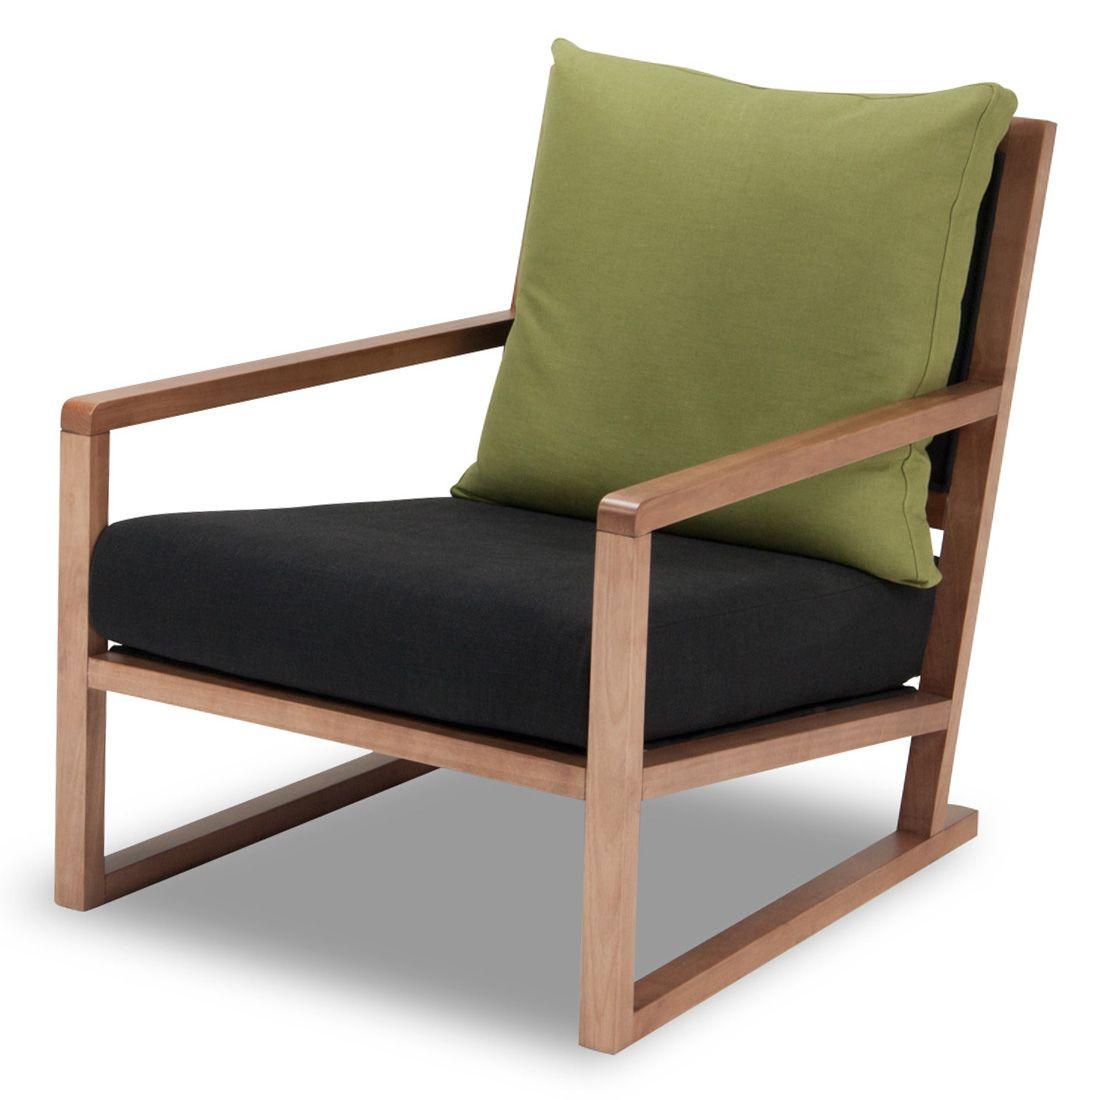 Sessel kaufen ohrensessel egg chair vintage sessel neu for Egg chair nachbau